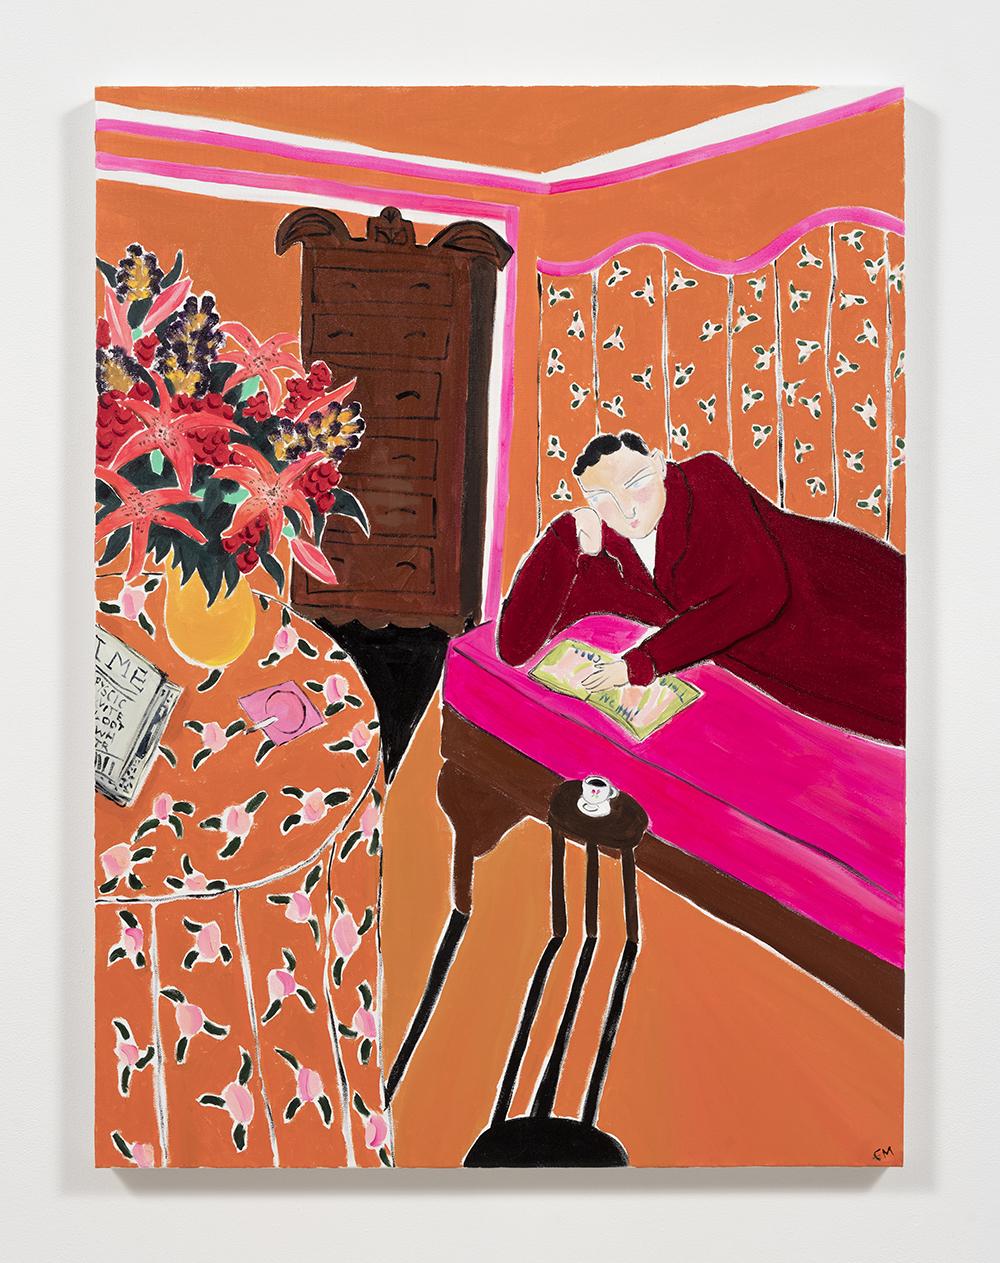 Claire Milbrath. <em>Orange Room</em>, 2017. Oil on canvas, 40 x 30 inches  (101.6 x 76.2 cm)